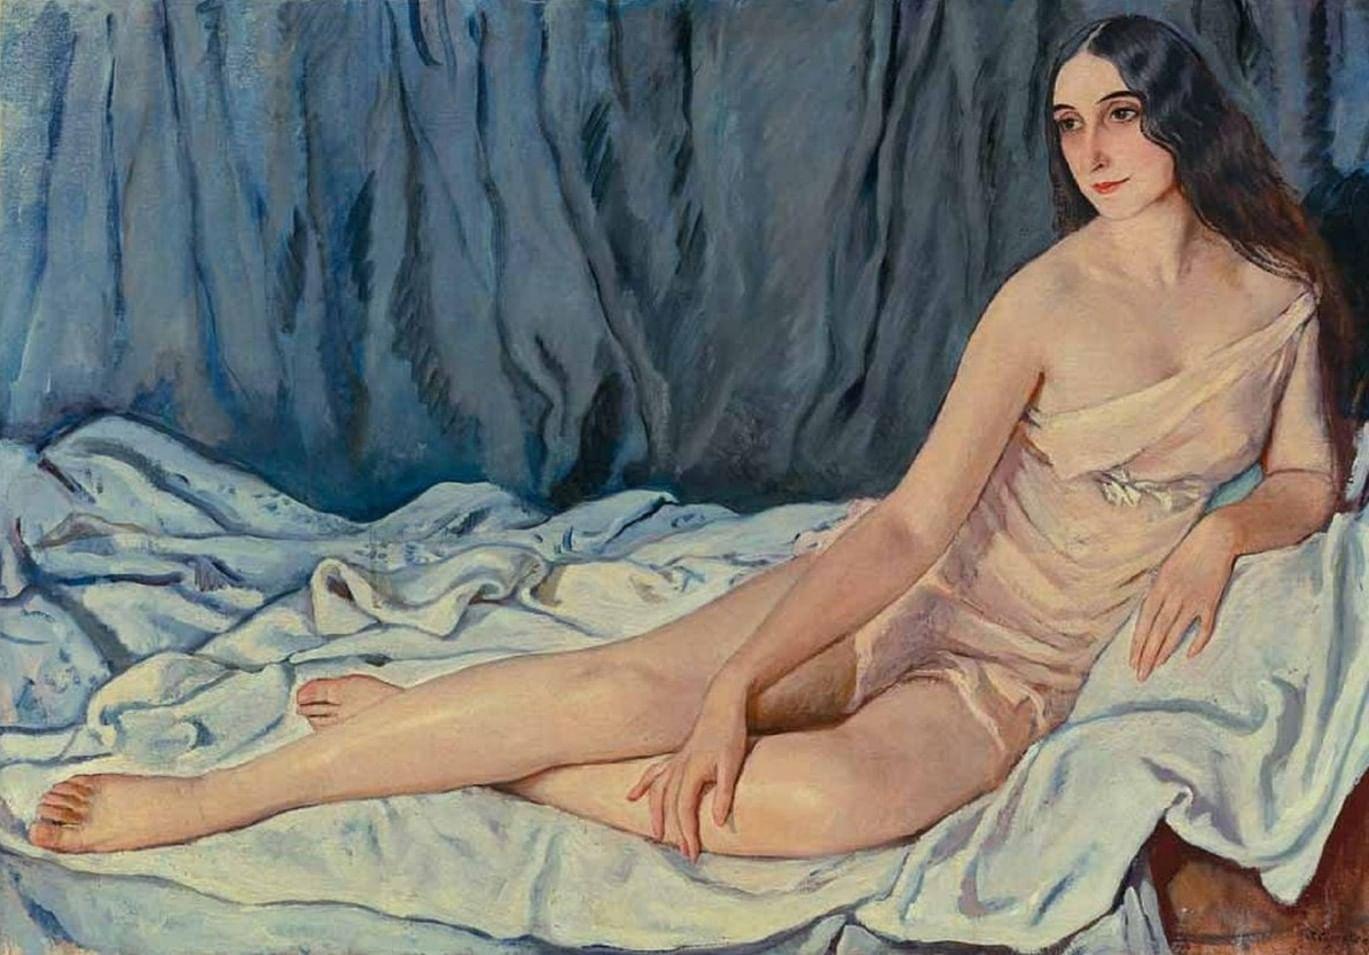 Вера, Надежда, Любовь и София: Самые красивые русские портреты. Галерея 2